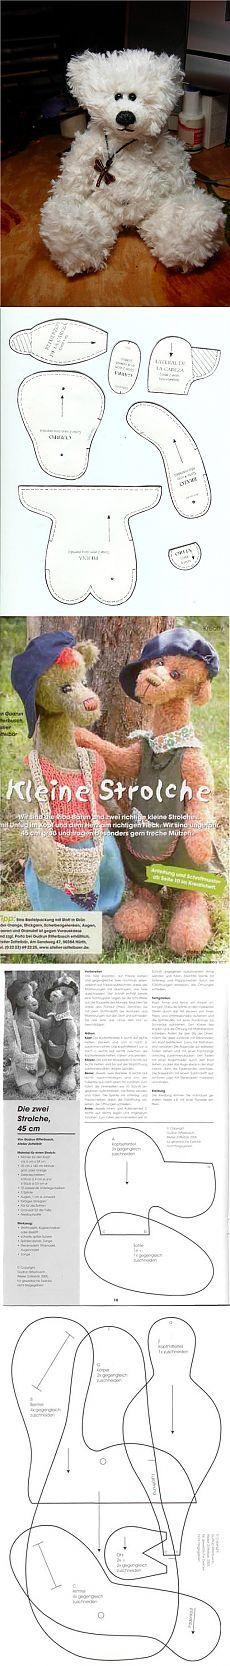 Cómo coser un oso con las manos    Patrones oso de juguete    Sweet home - la idea de la costura, tejido de punto, decoración de interiores